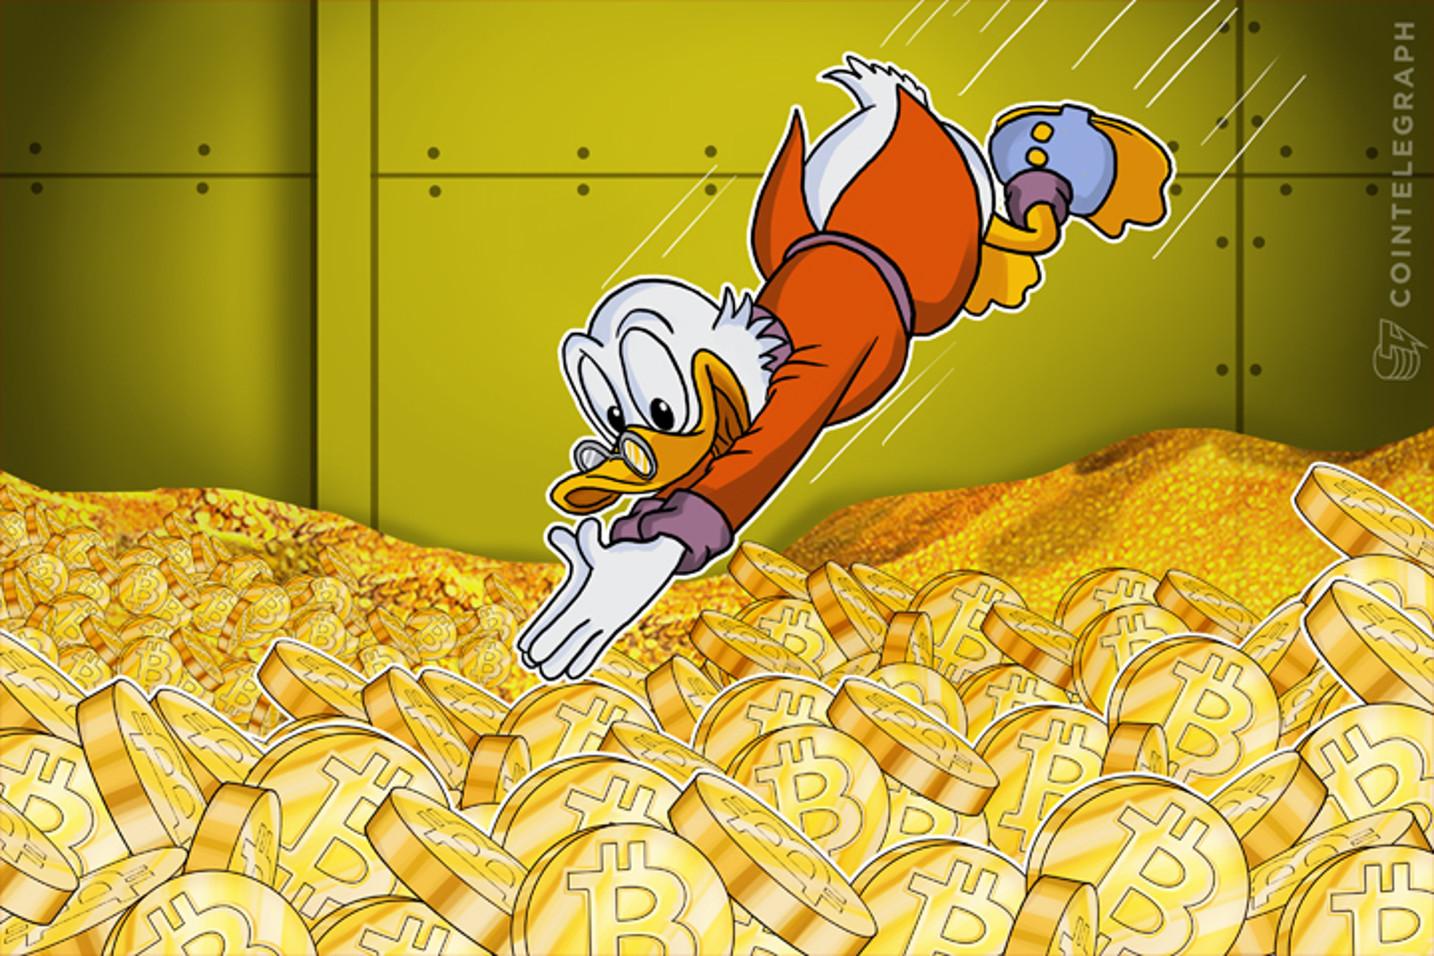 仮想通貨ビットコイン、マーケット暴落後の新規ユーザー獲得が顕著に